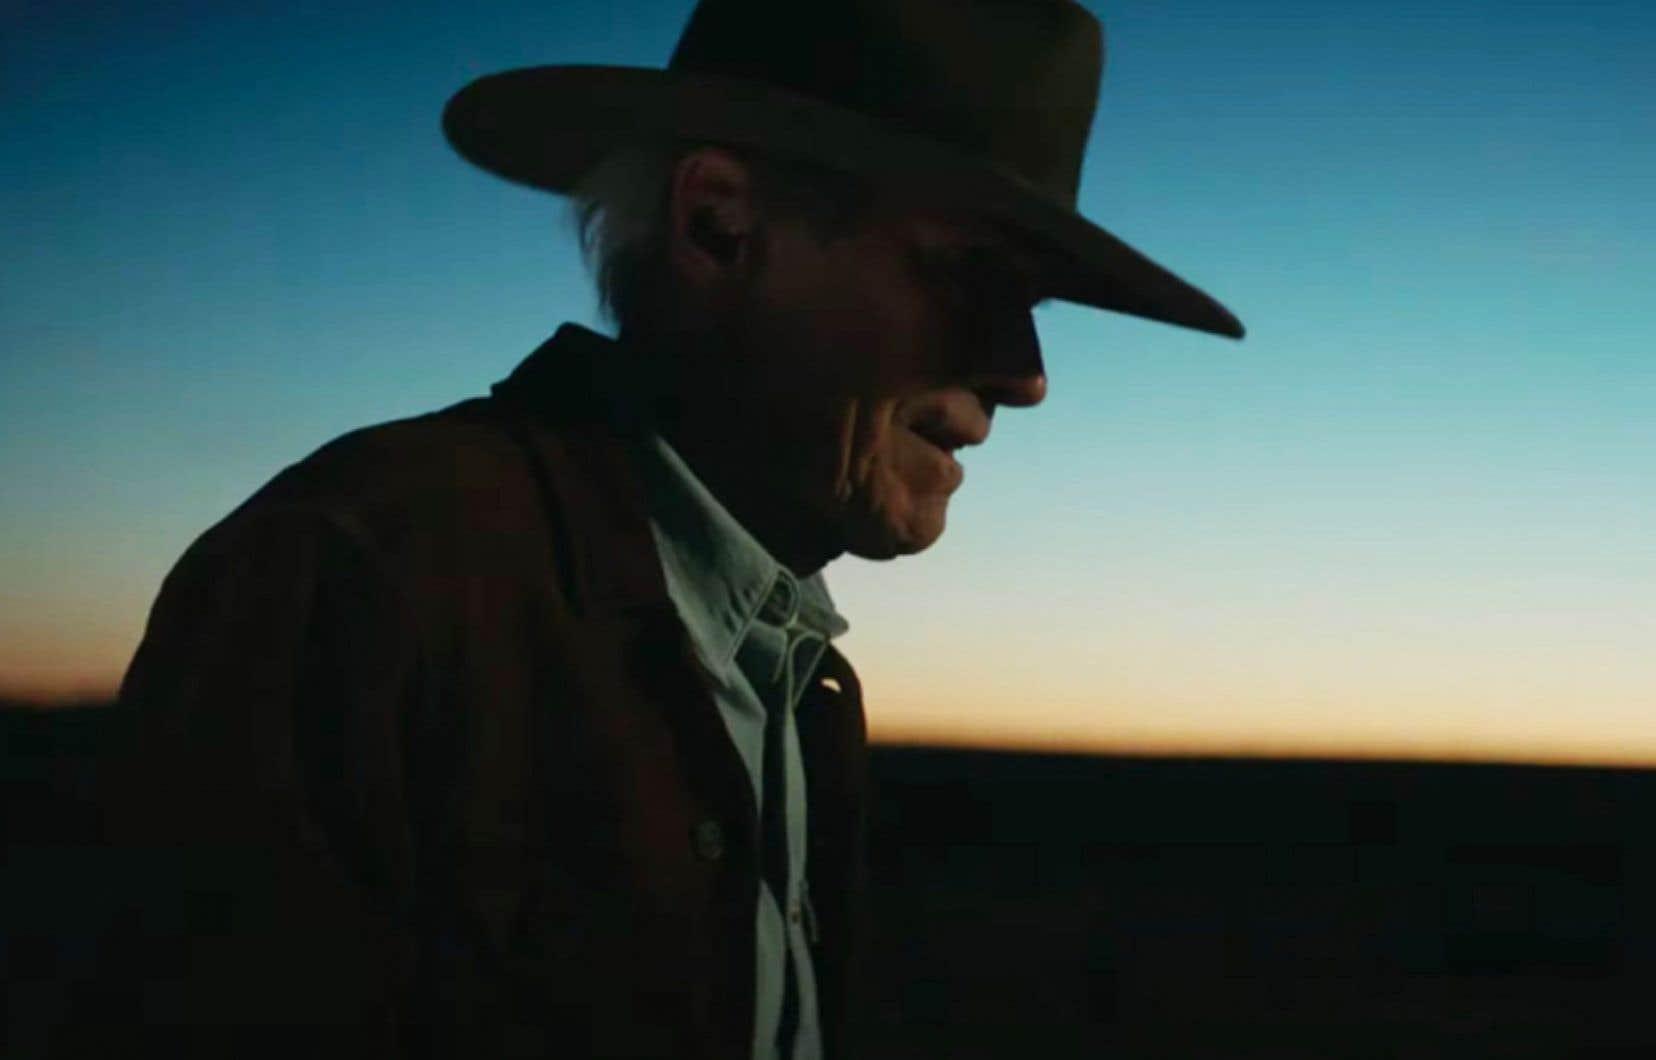 Une scène tirée du film«Cry Macho» avec l'acteur Clint Eastwood